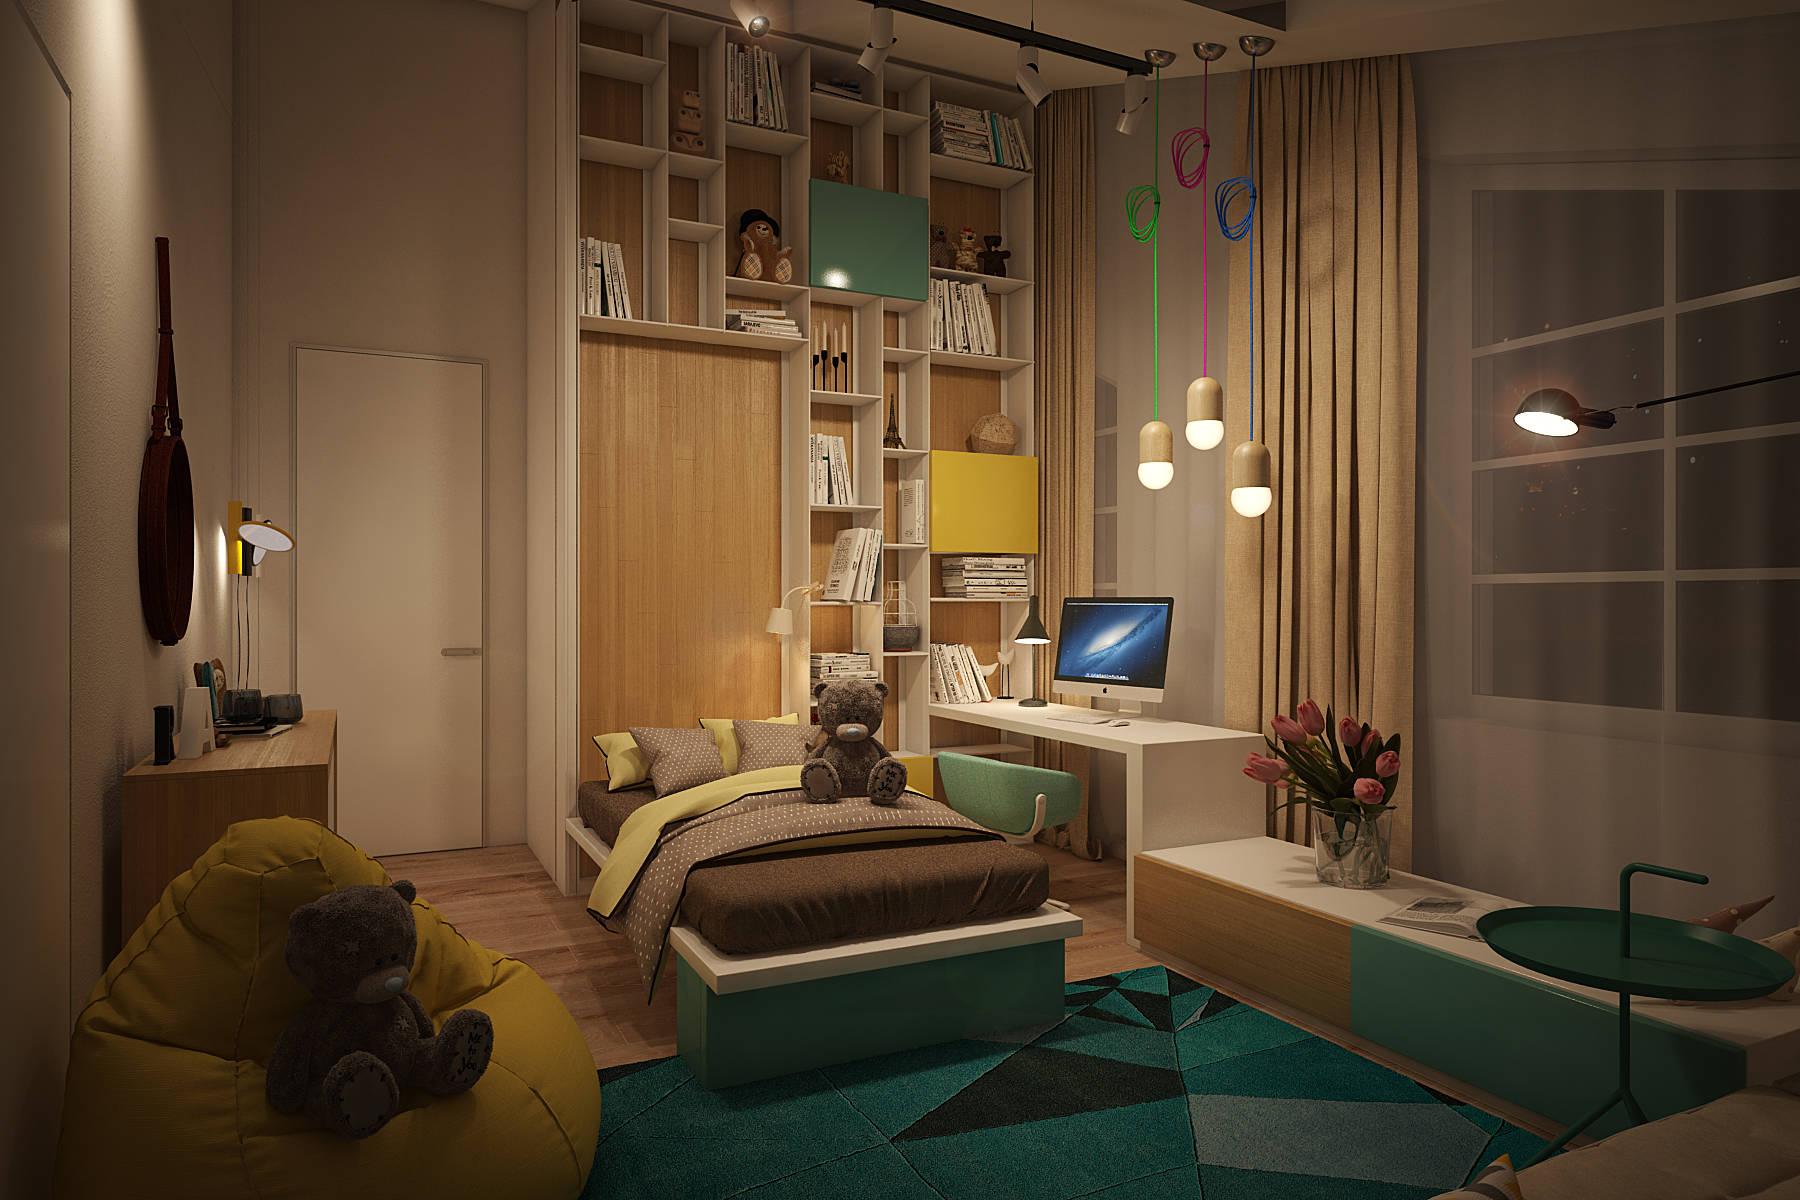 Дизайн по современному стилю комнаты в доме